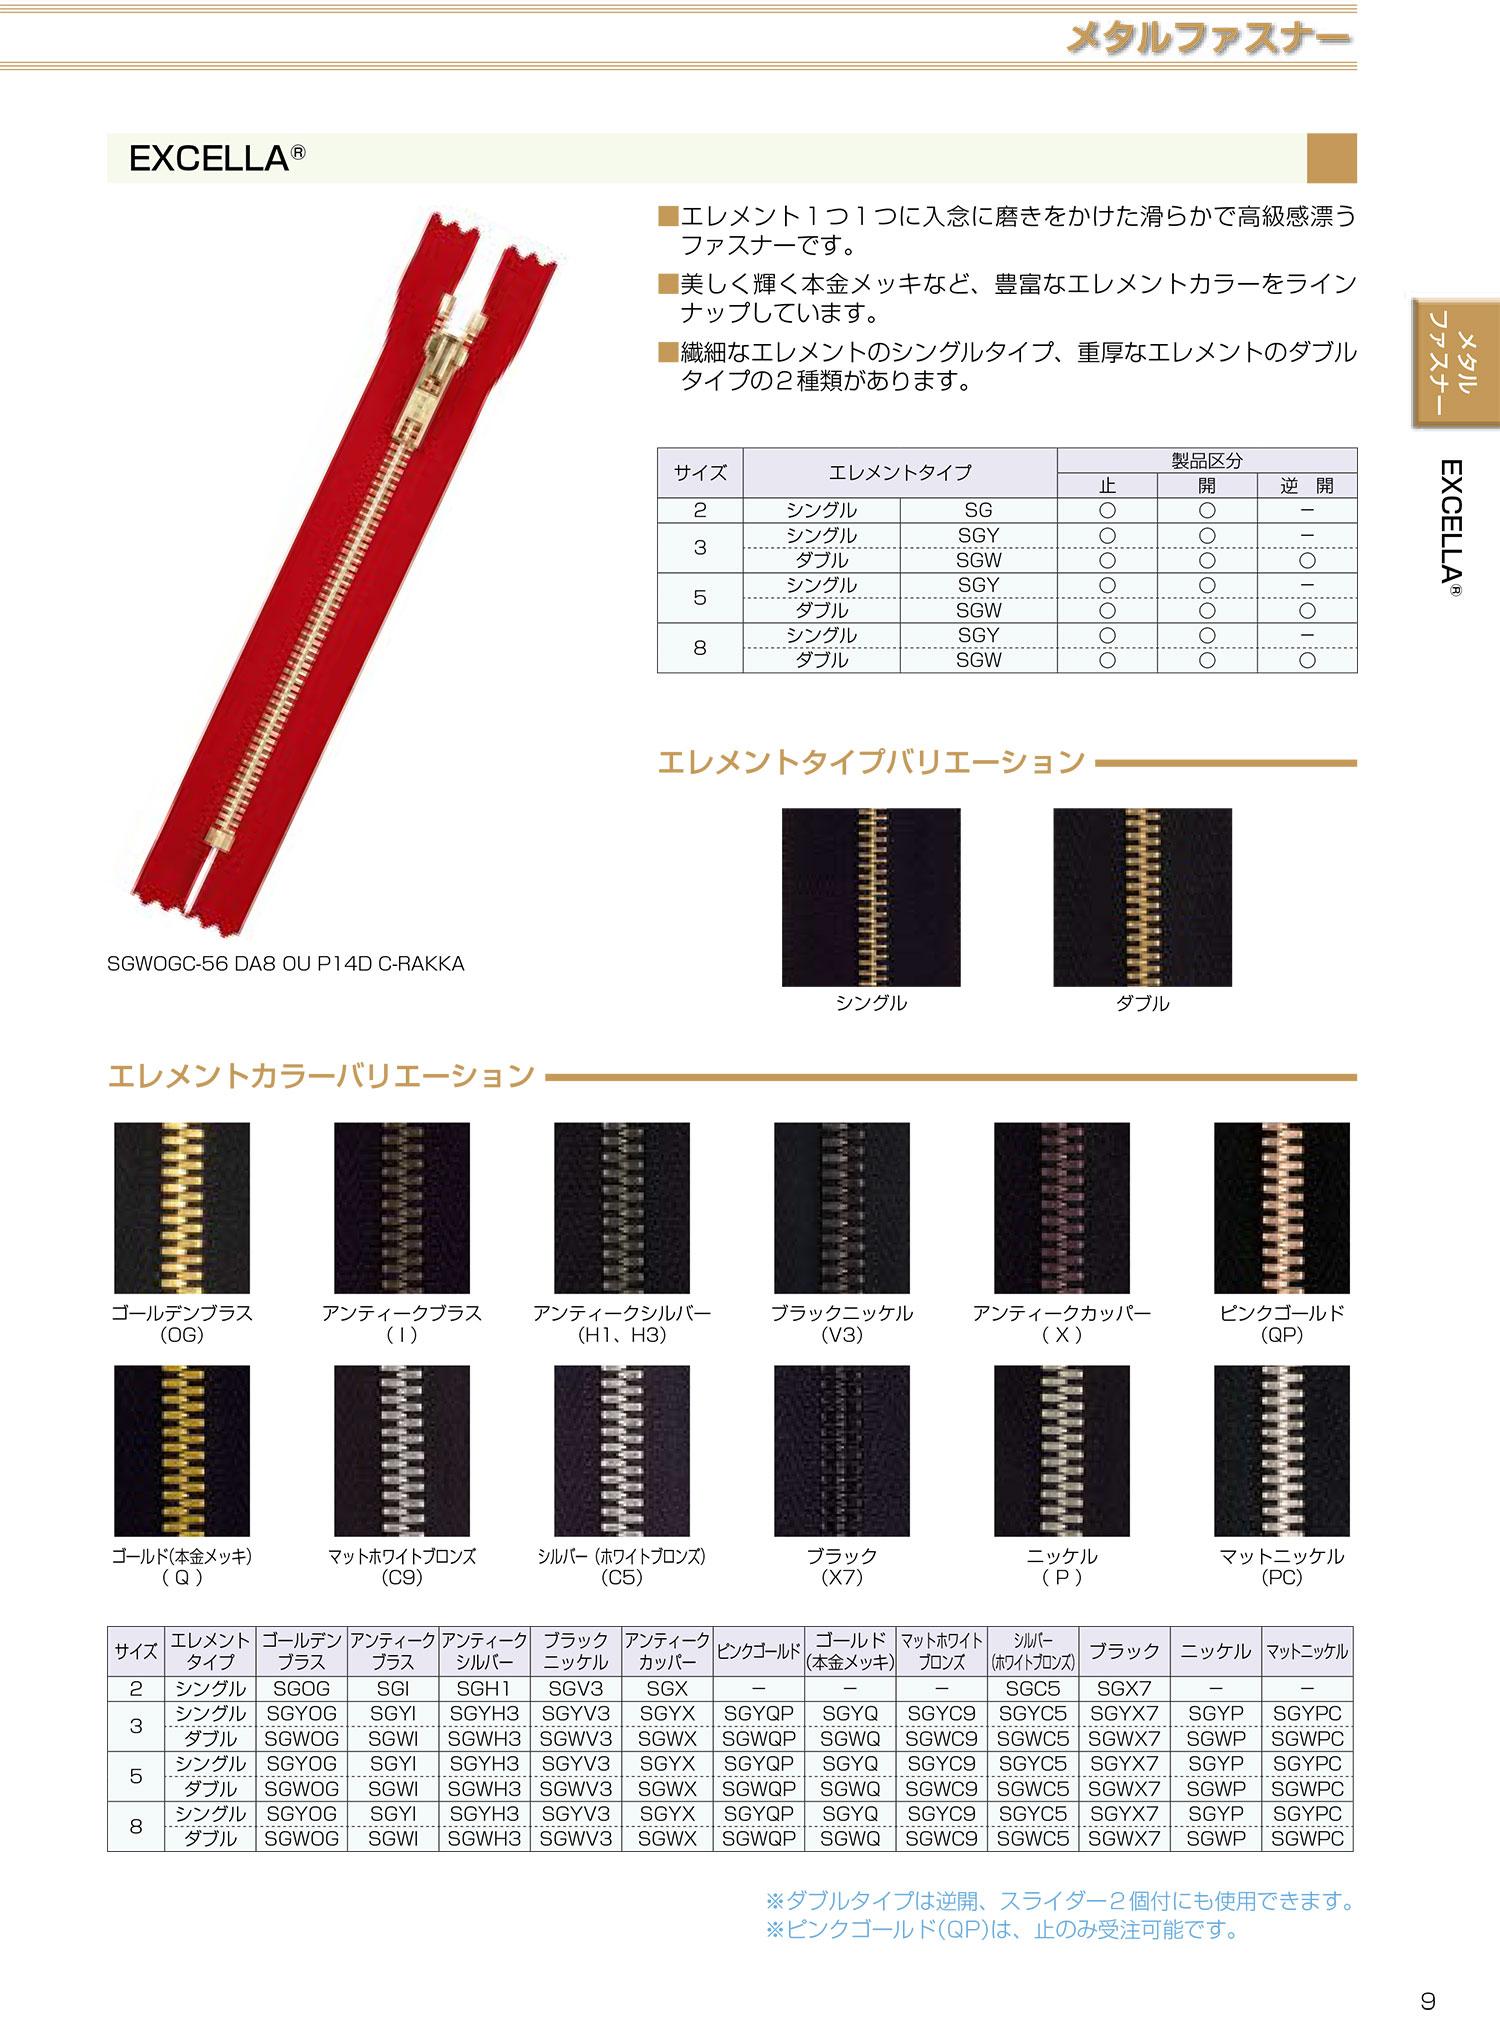 5SGYH3C エクセラ 5サイズ アンティークシルバー 止め シングル[ファスナー] YKK/オークラ商事 - ApparelX アパレル資材卸通販